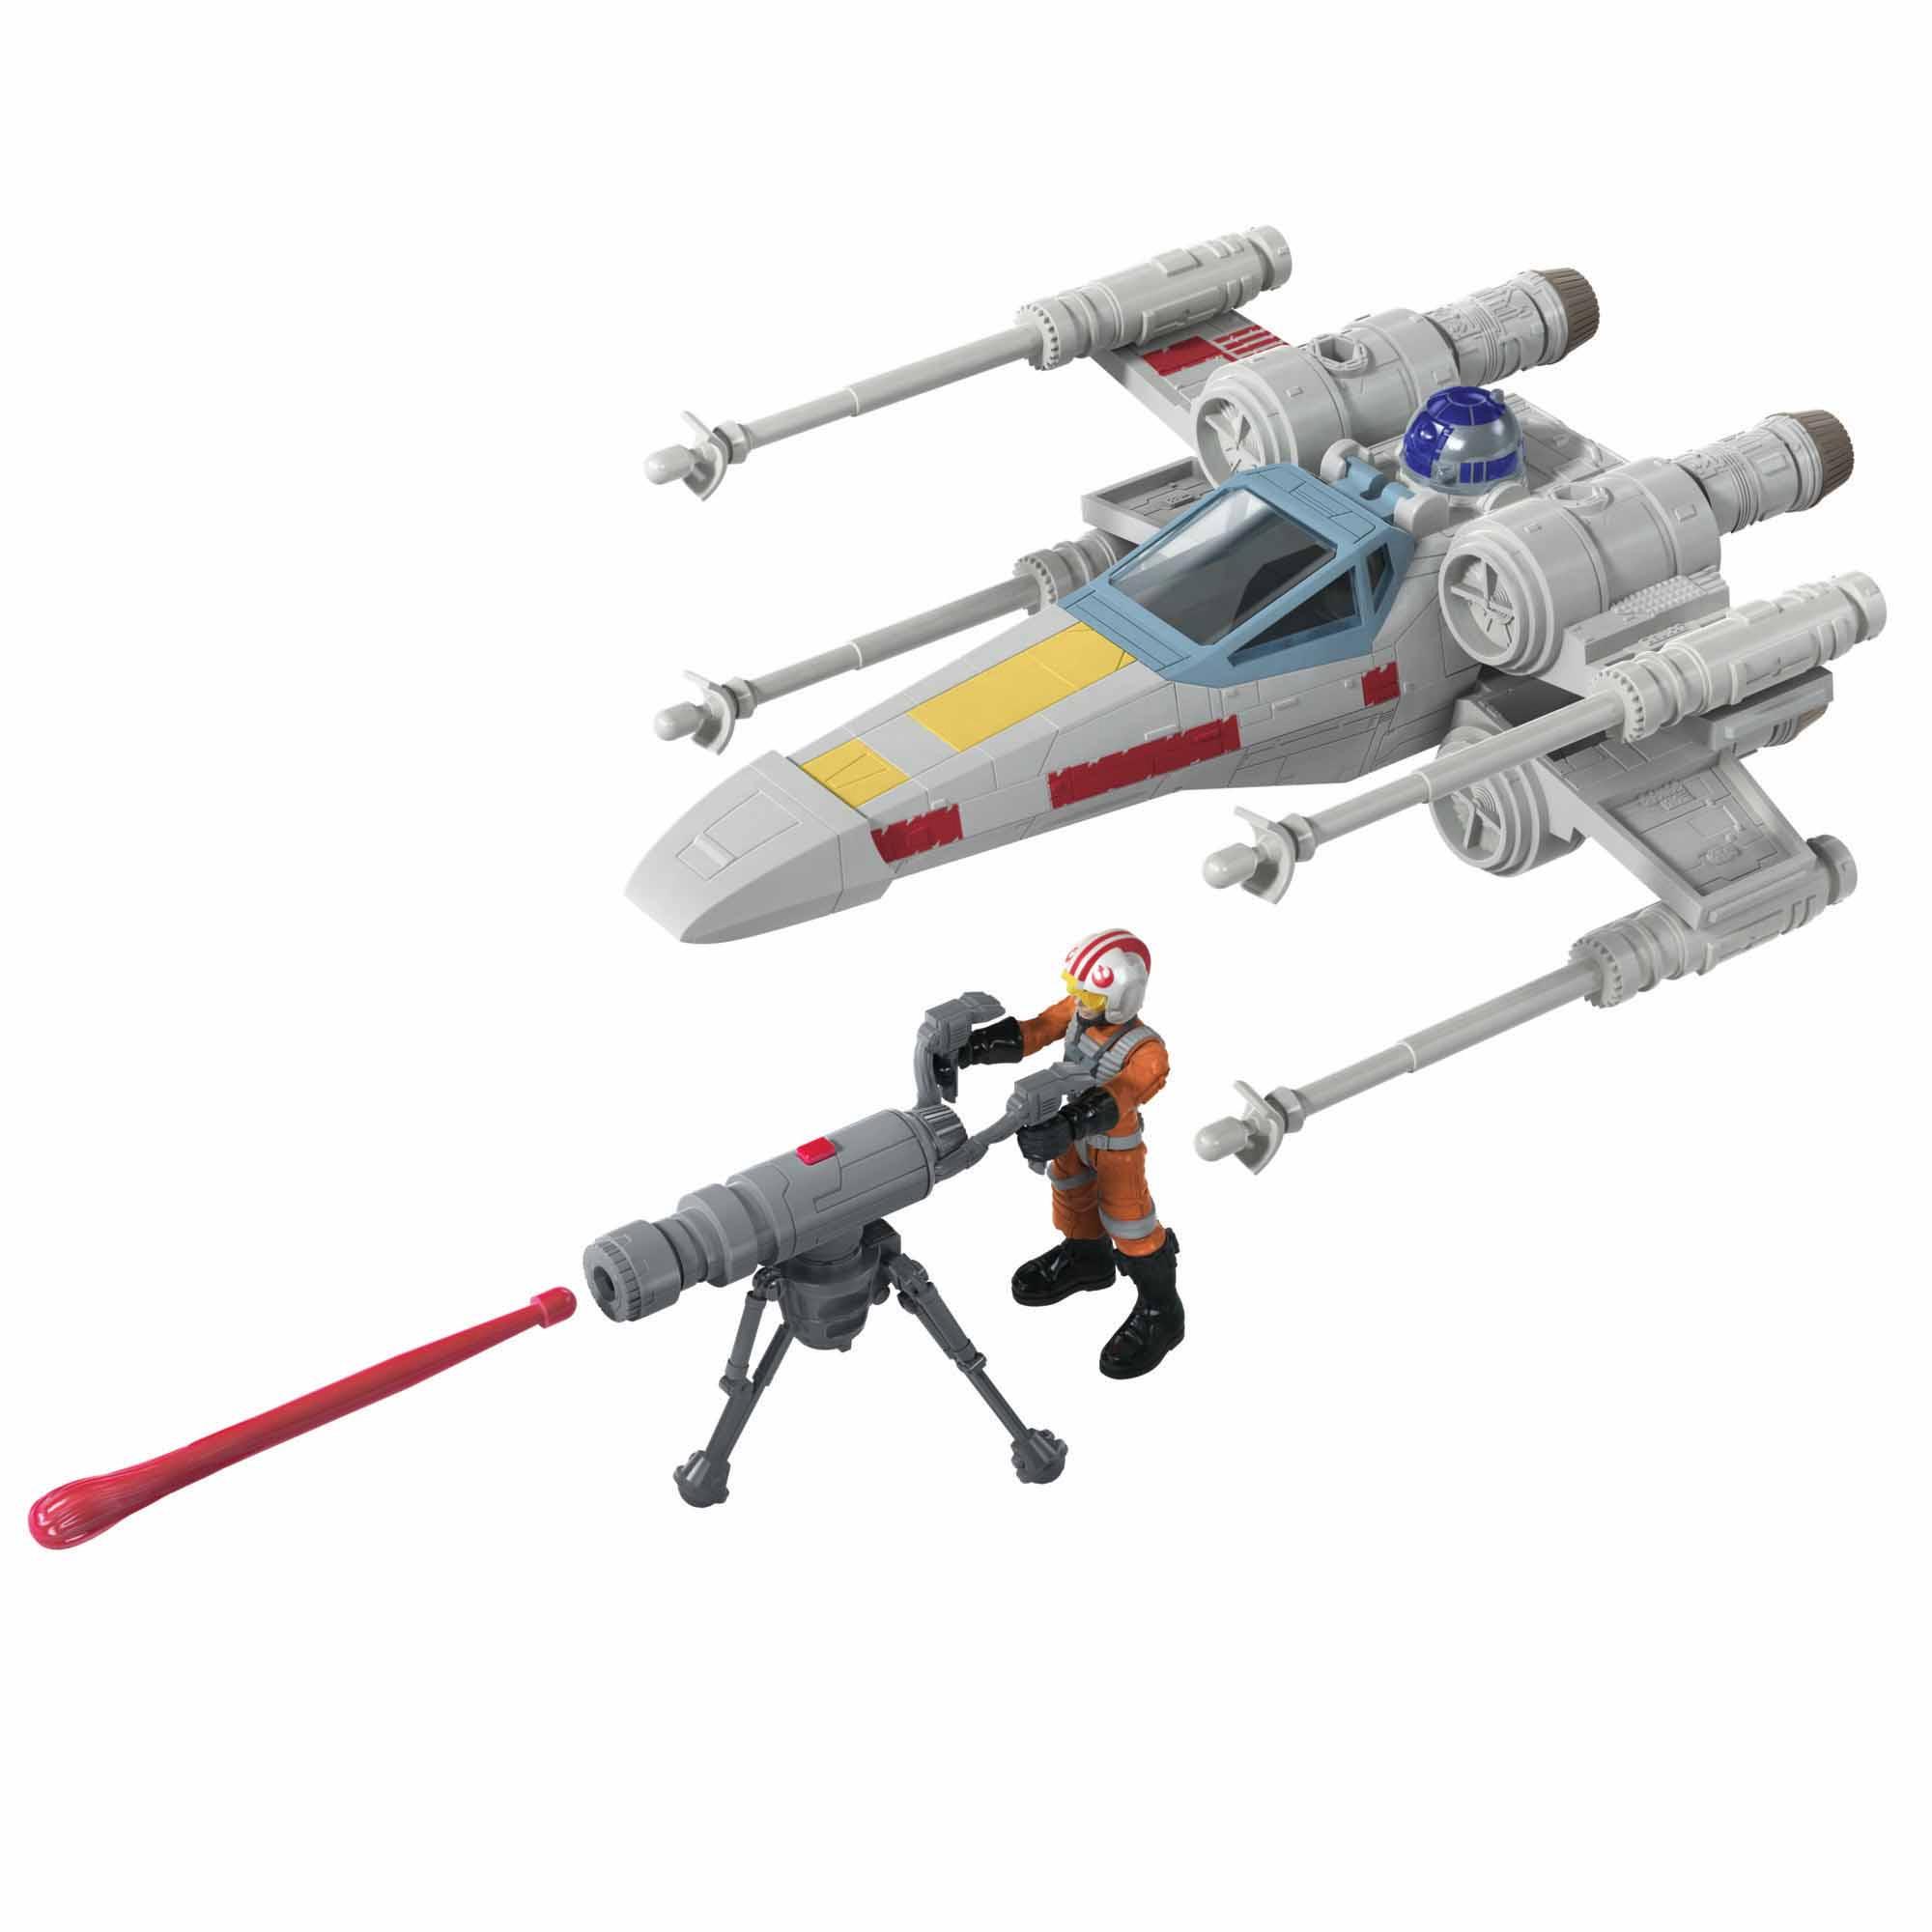 Star Wars Mission Fleet Luke Skywalker X-Wing Fighter